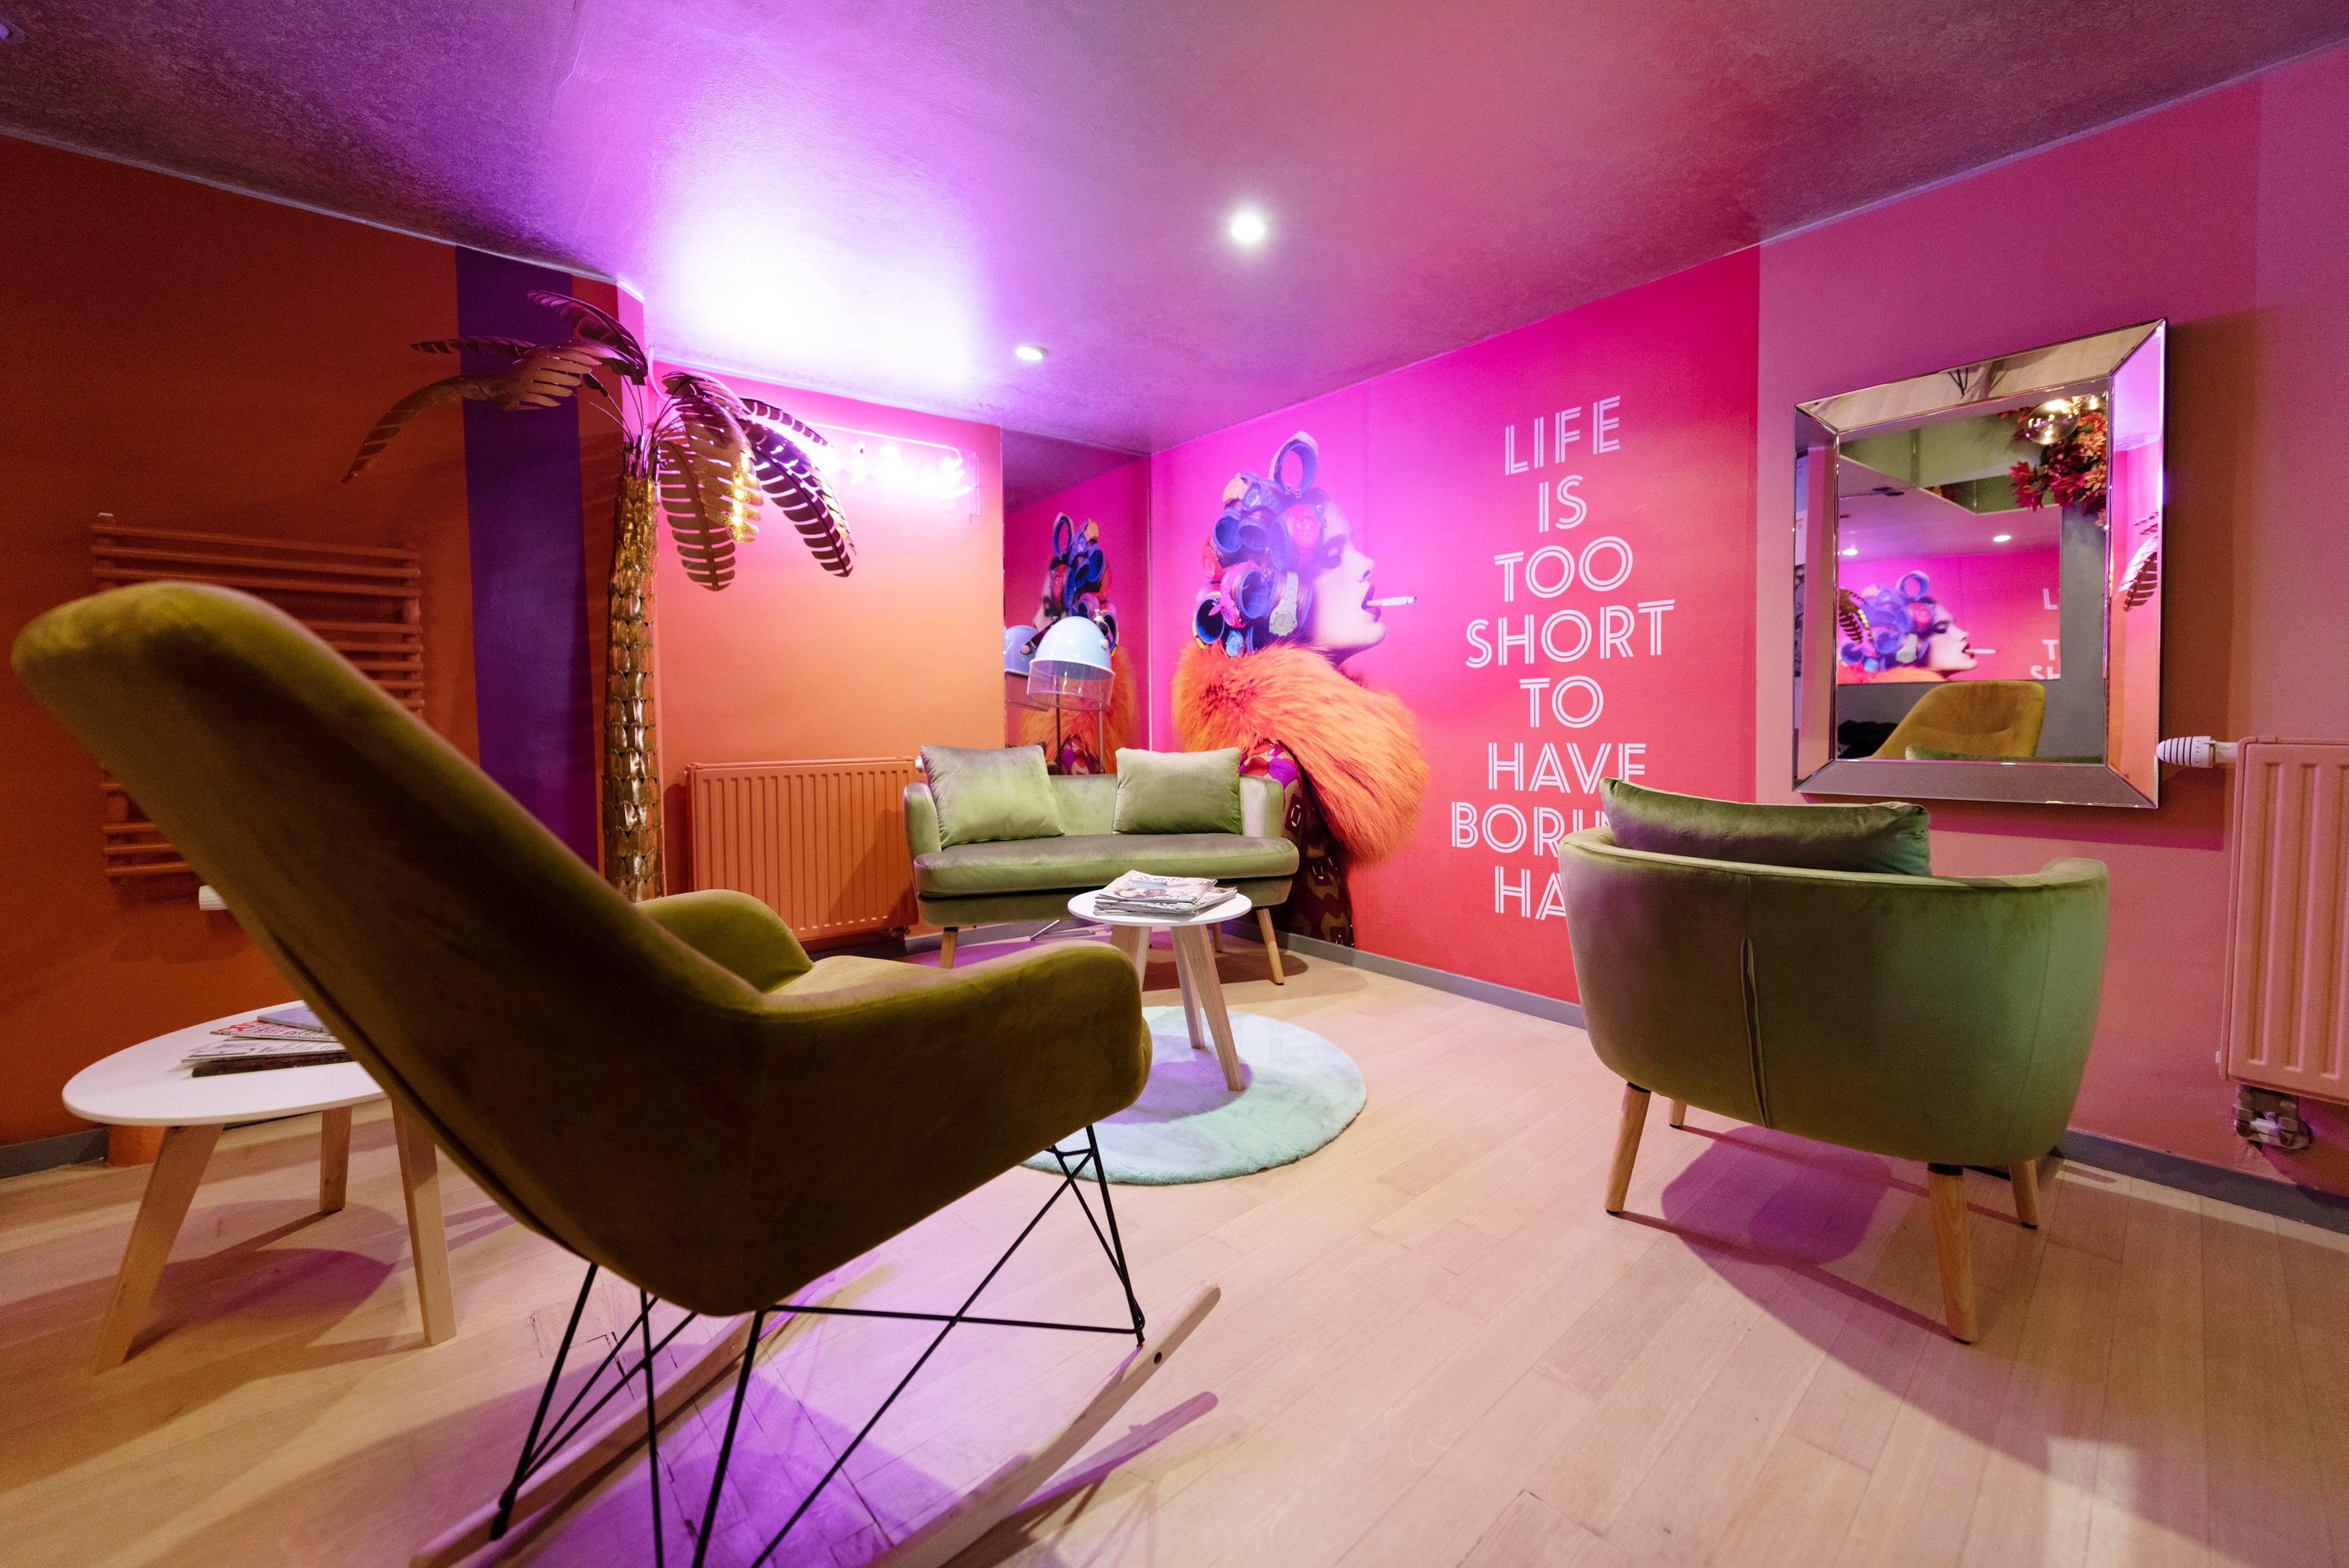 Ovaj salon u centru Zagreba ima ružičasti interijer koji mami na fotografiranje